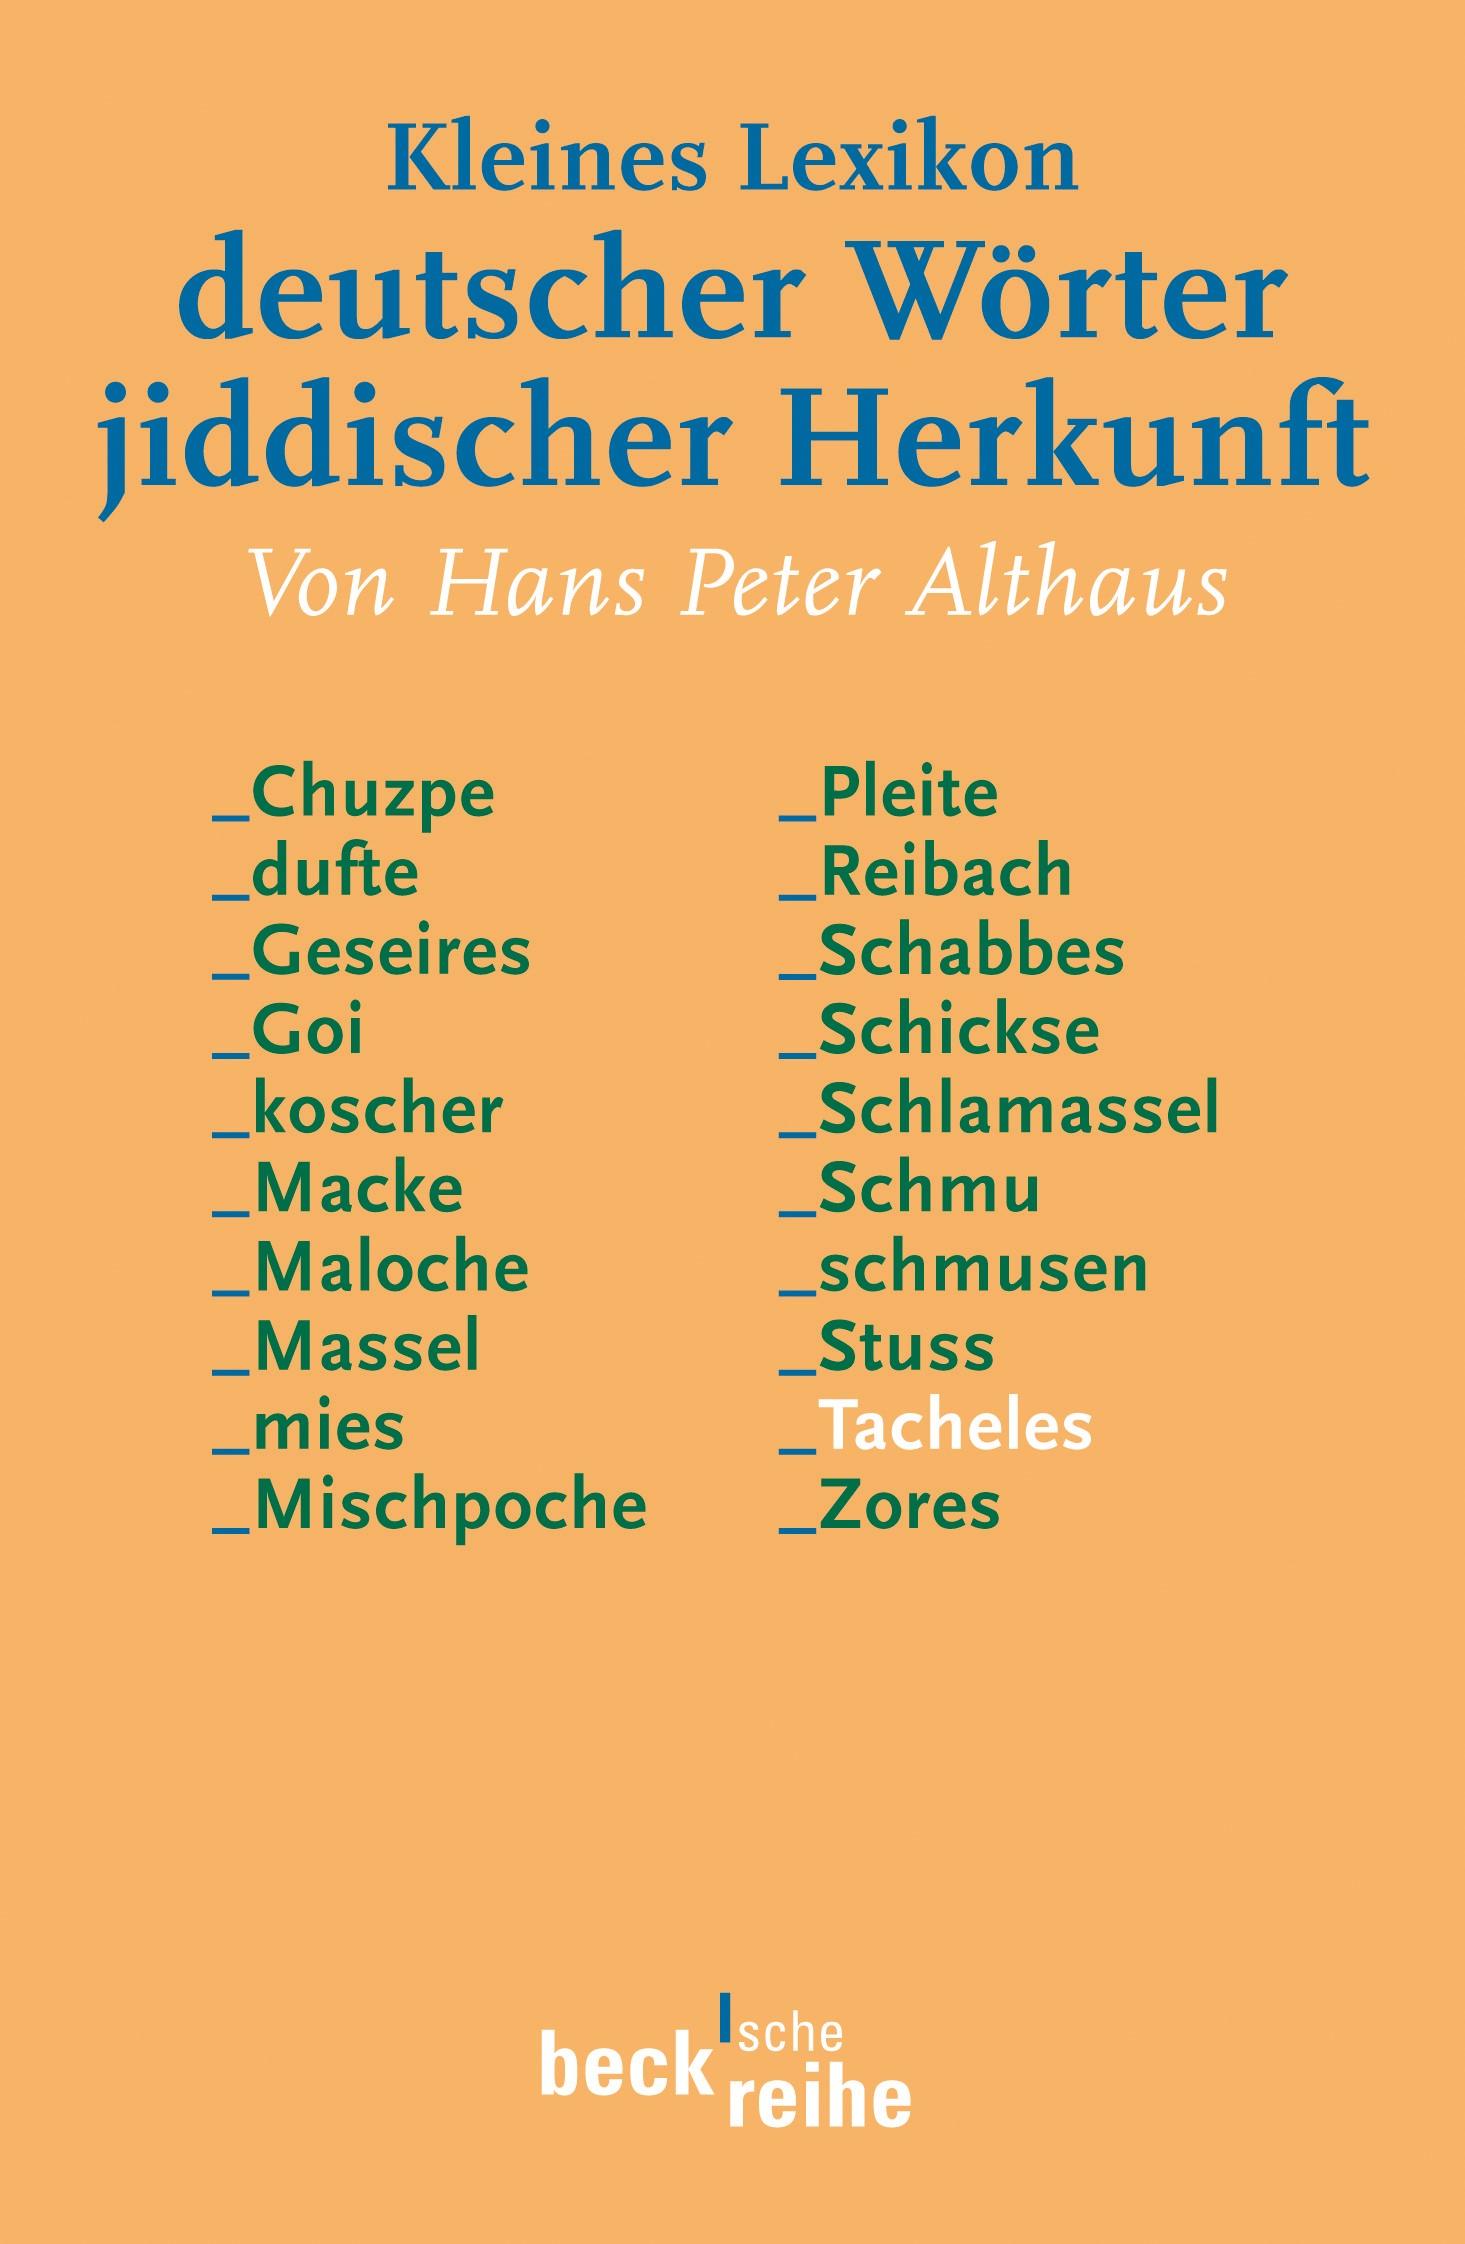 Cover des Buches 'Kleines Lexikon deutscher Wörter jiddischer Herkunft'